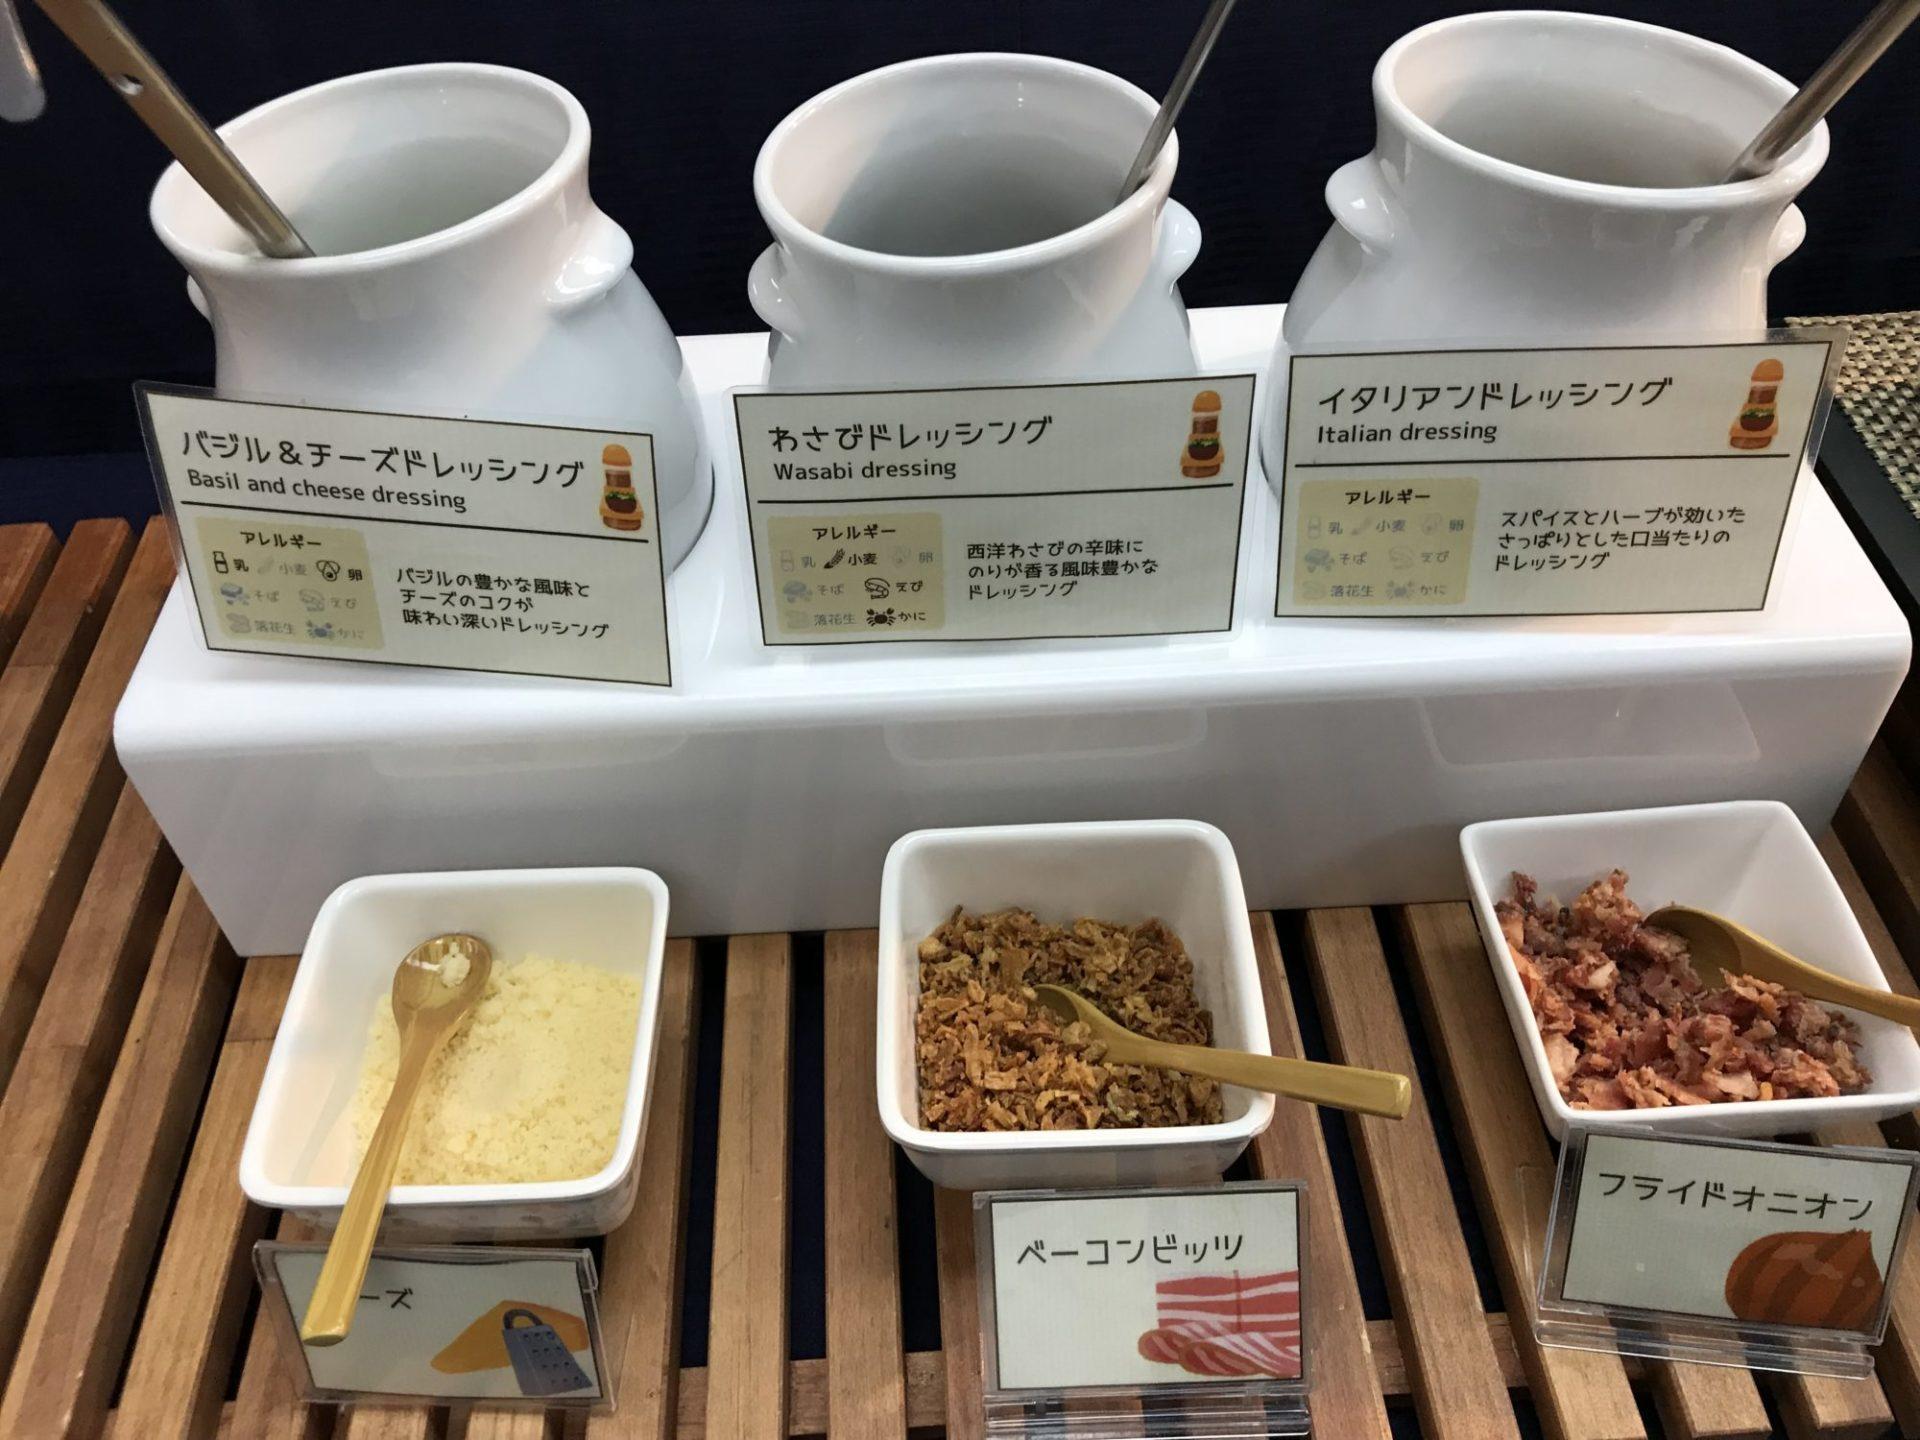 大阪コロナホテル朝食ドレッシング